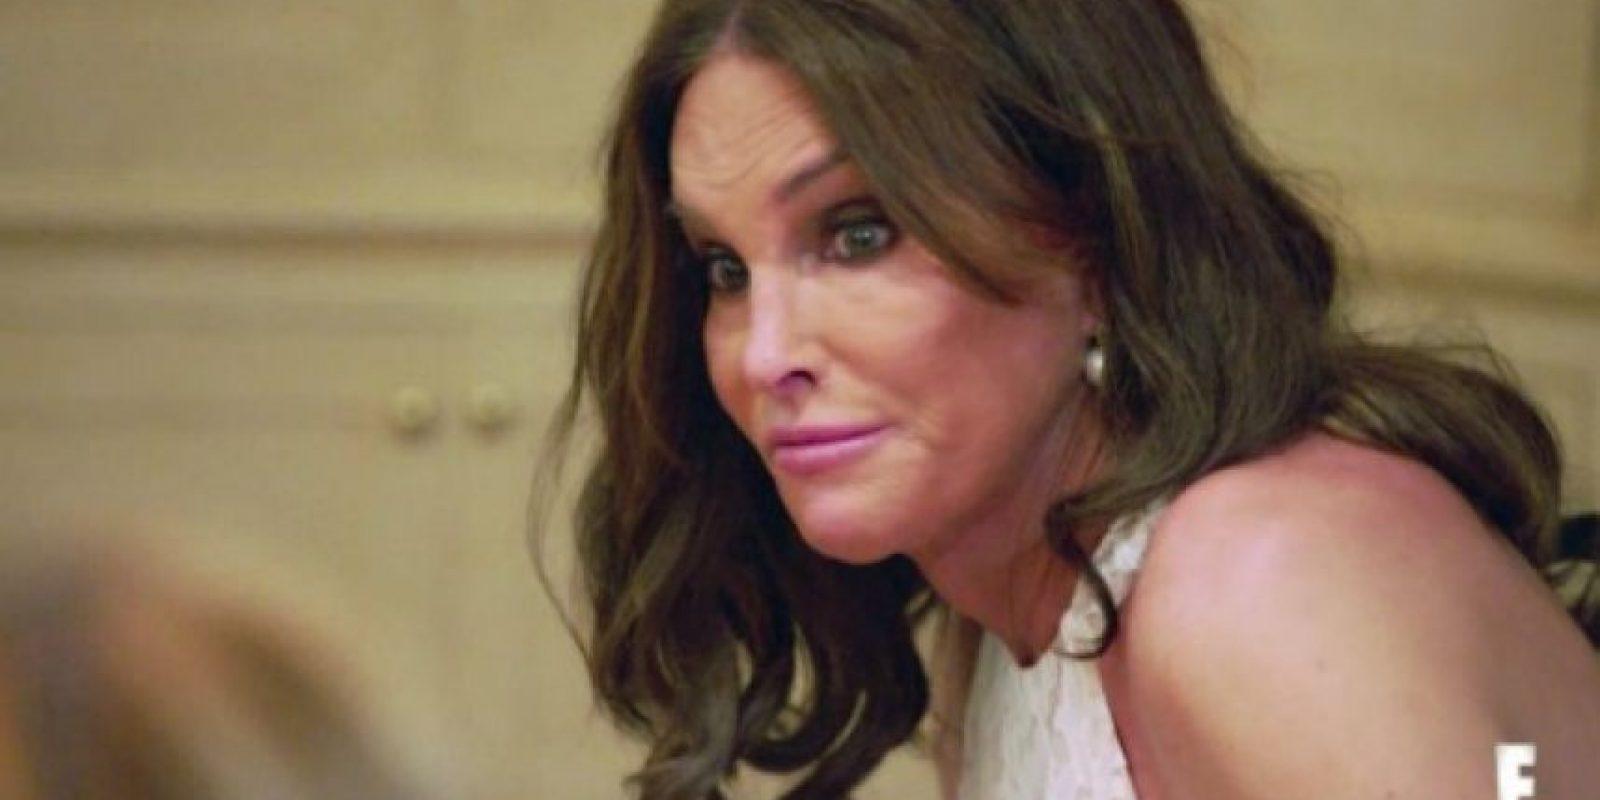 En el primer episodio Caitlyn muestra su preocupación sobre su responsabilidad de ser la mujer transgénero más famosa del mundo. Foto:E! News